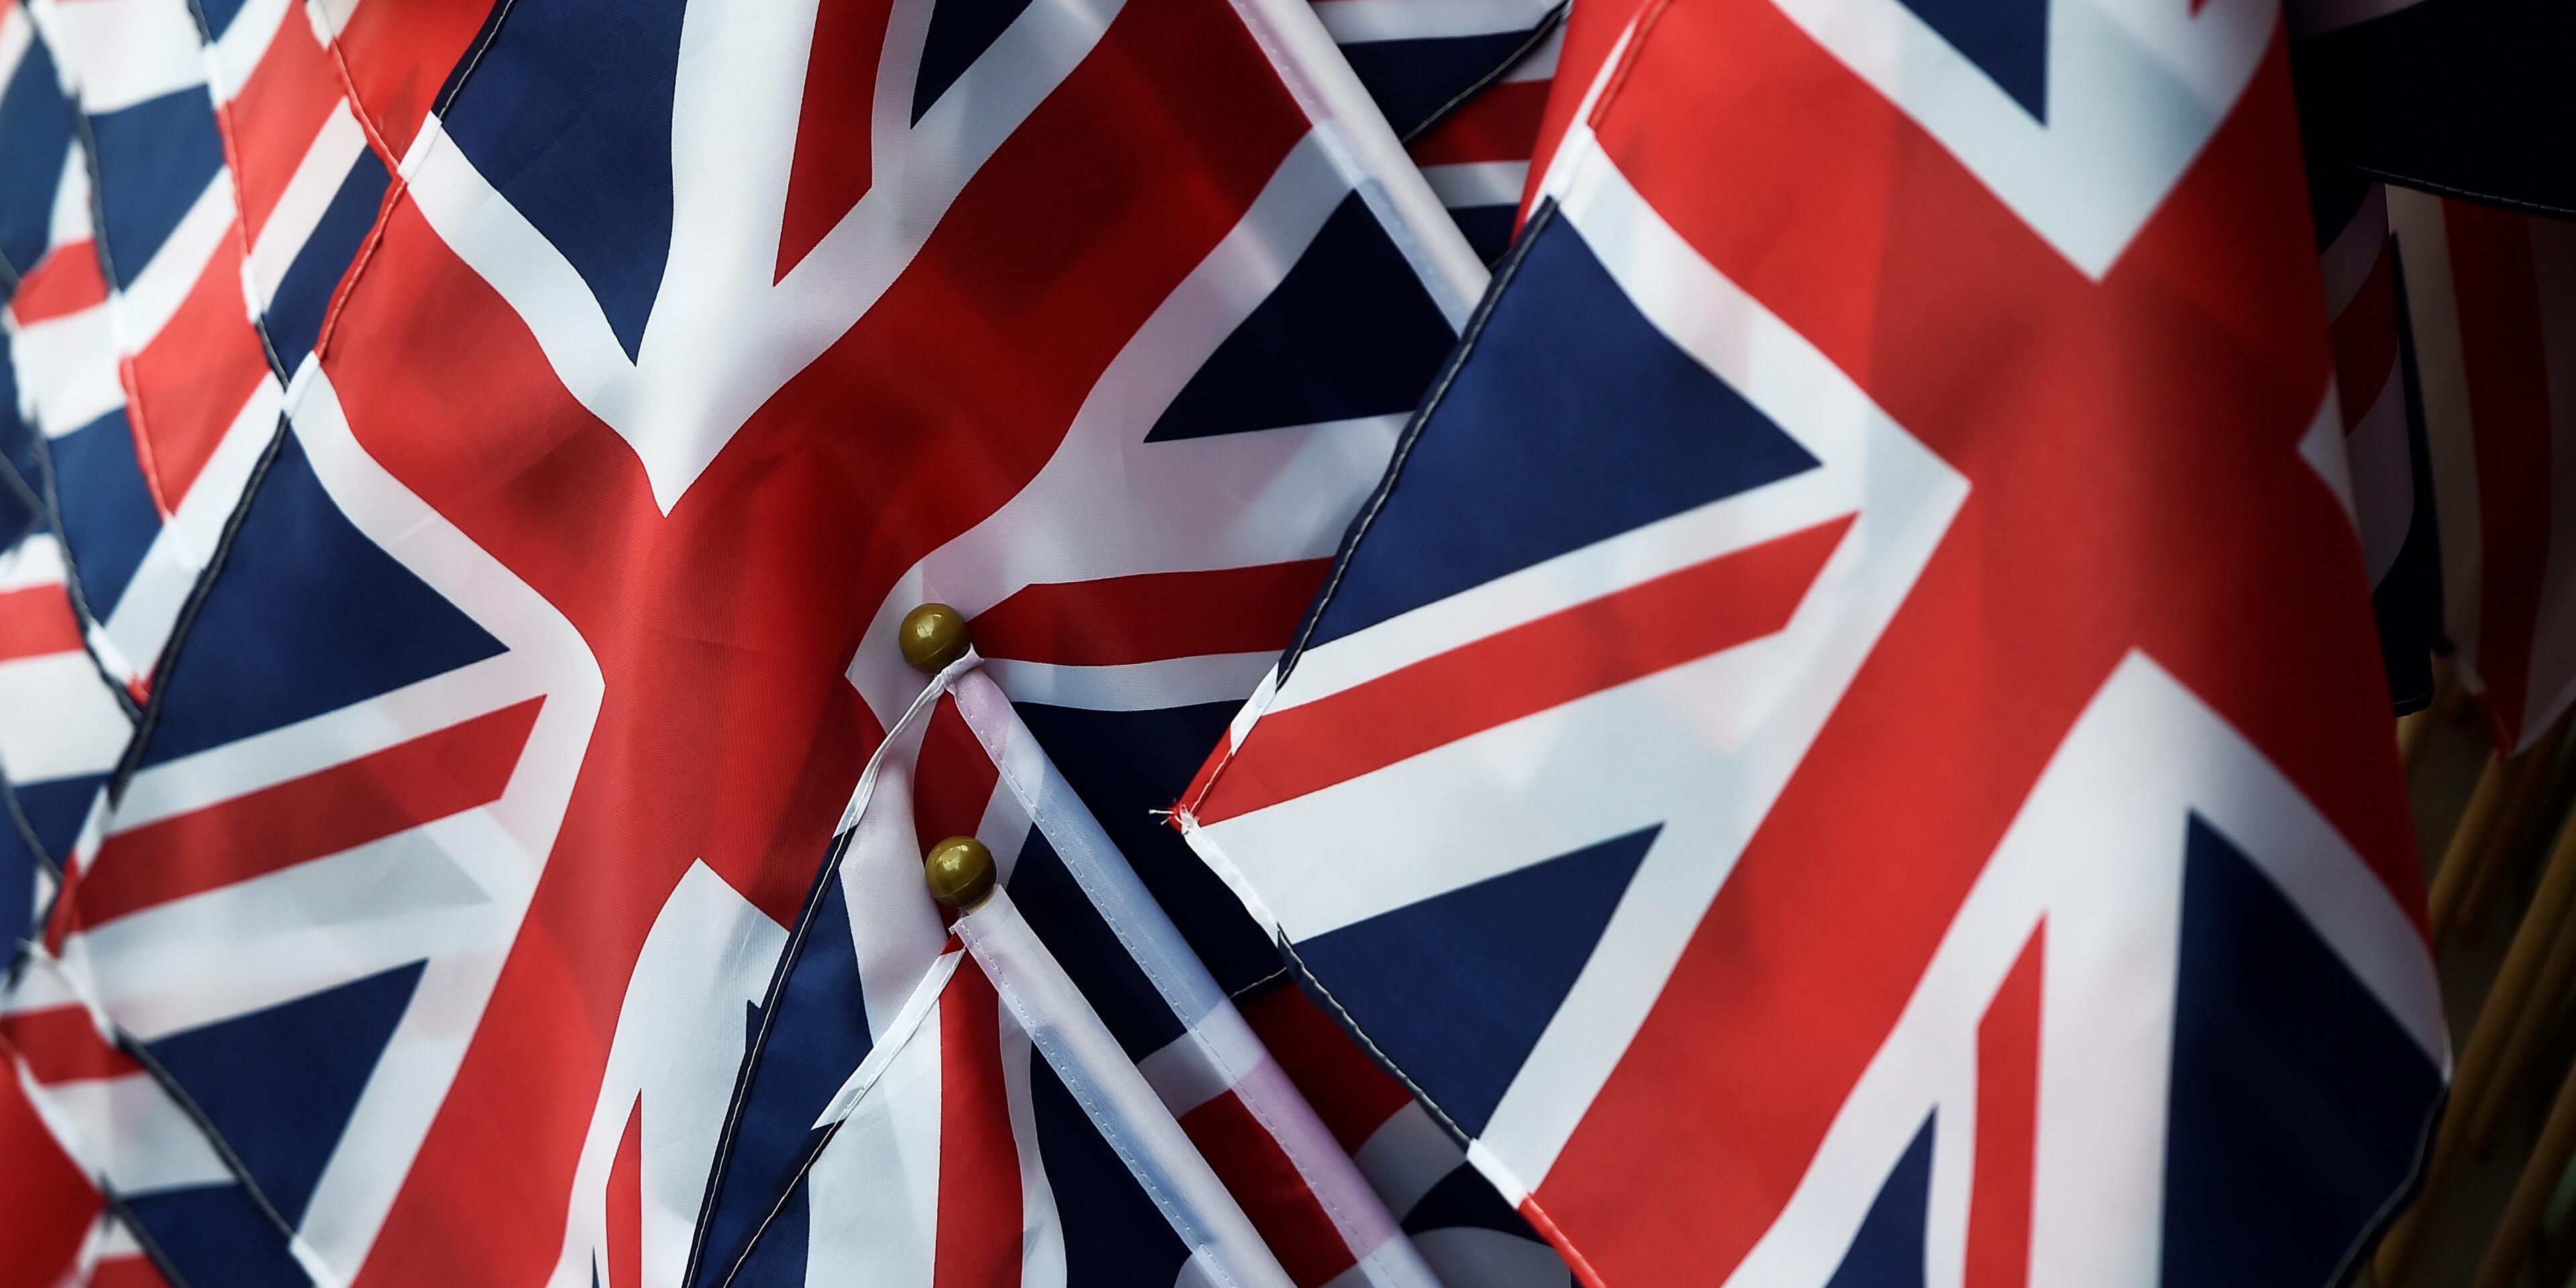 le-projet-de-brexit-menera-a-une-dislocation-du-royaume-uni-selon-le-dup